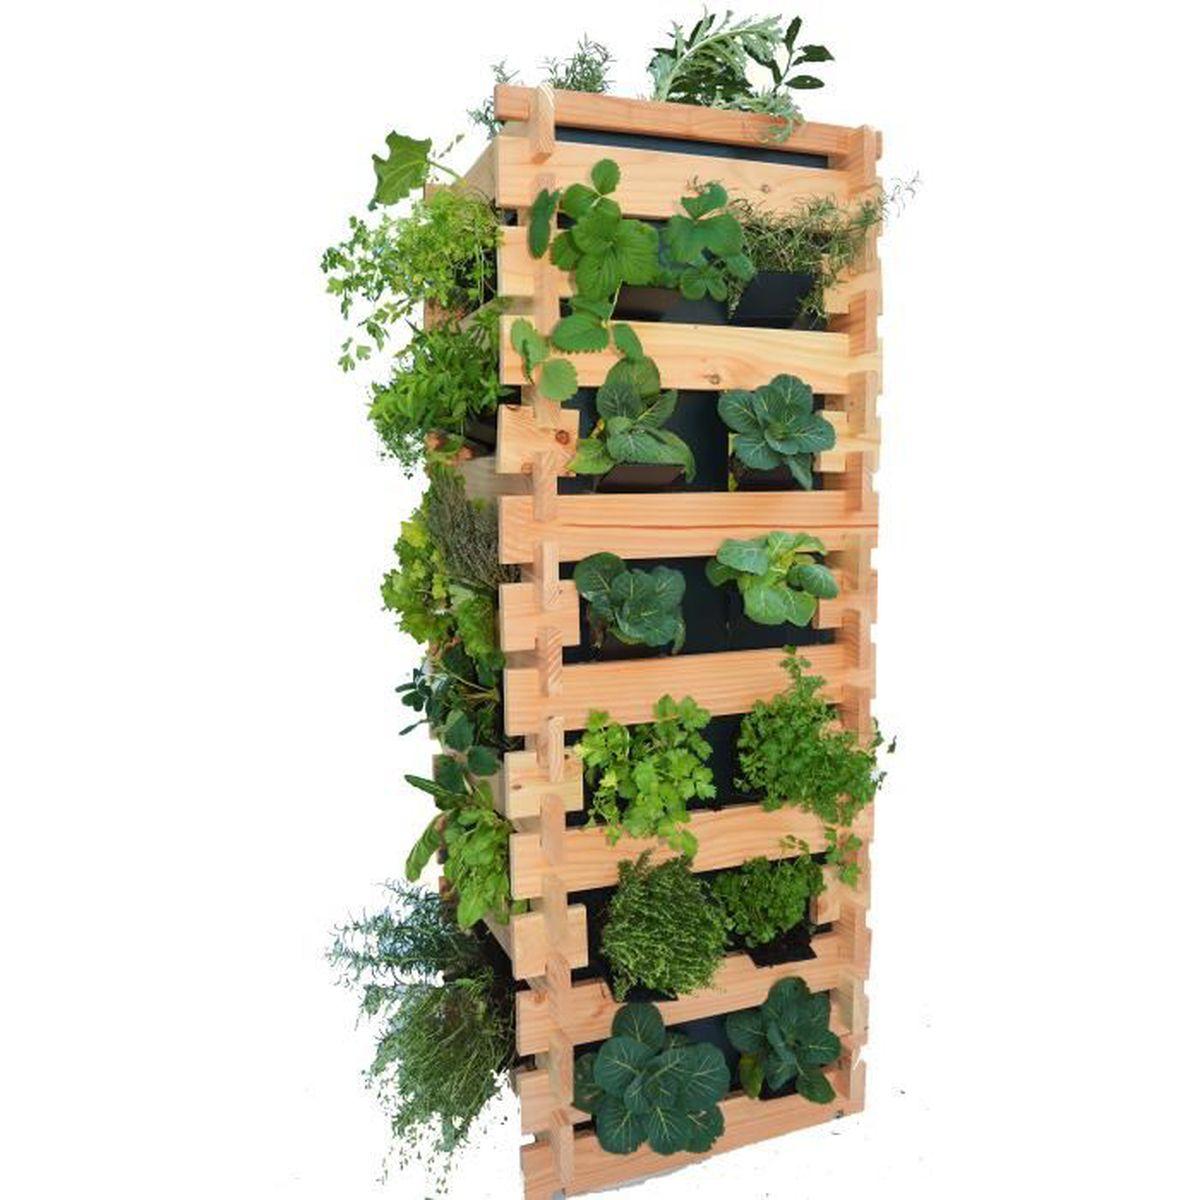 Mur végétal tour carre potager vertical surélevé